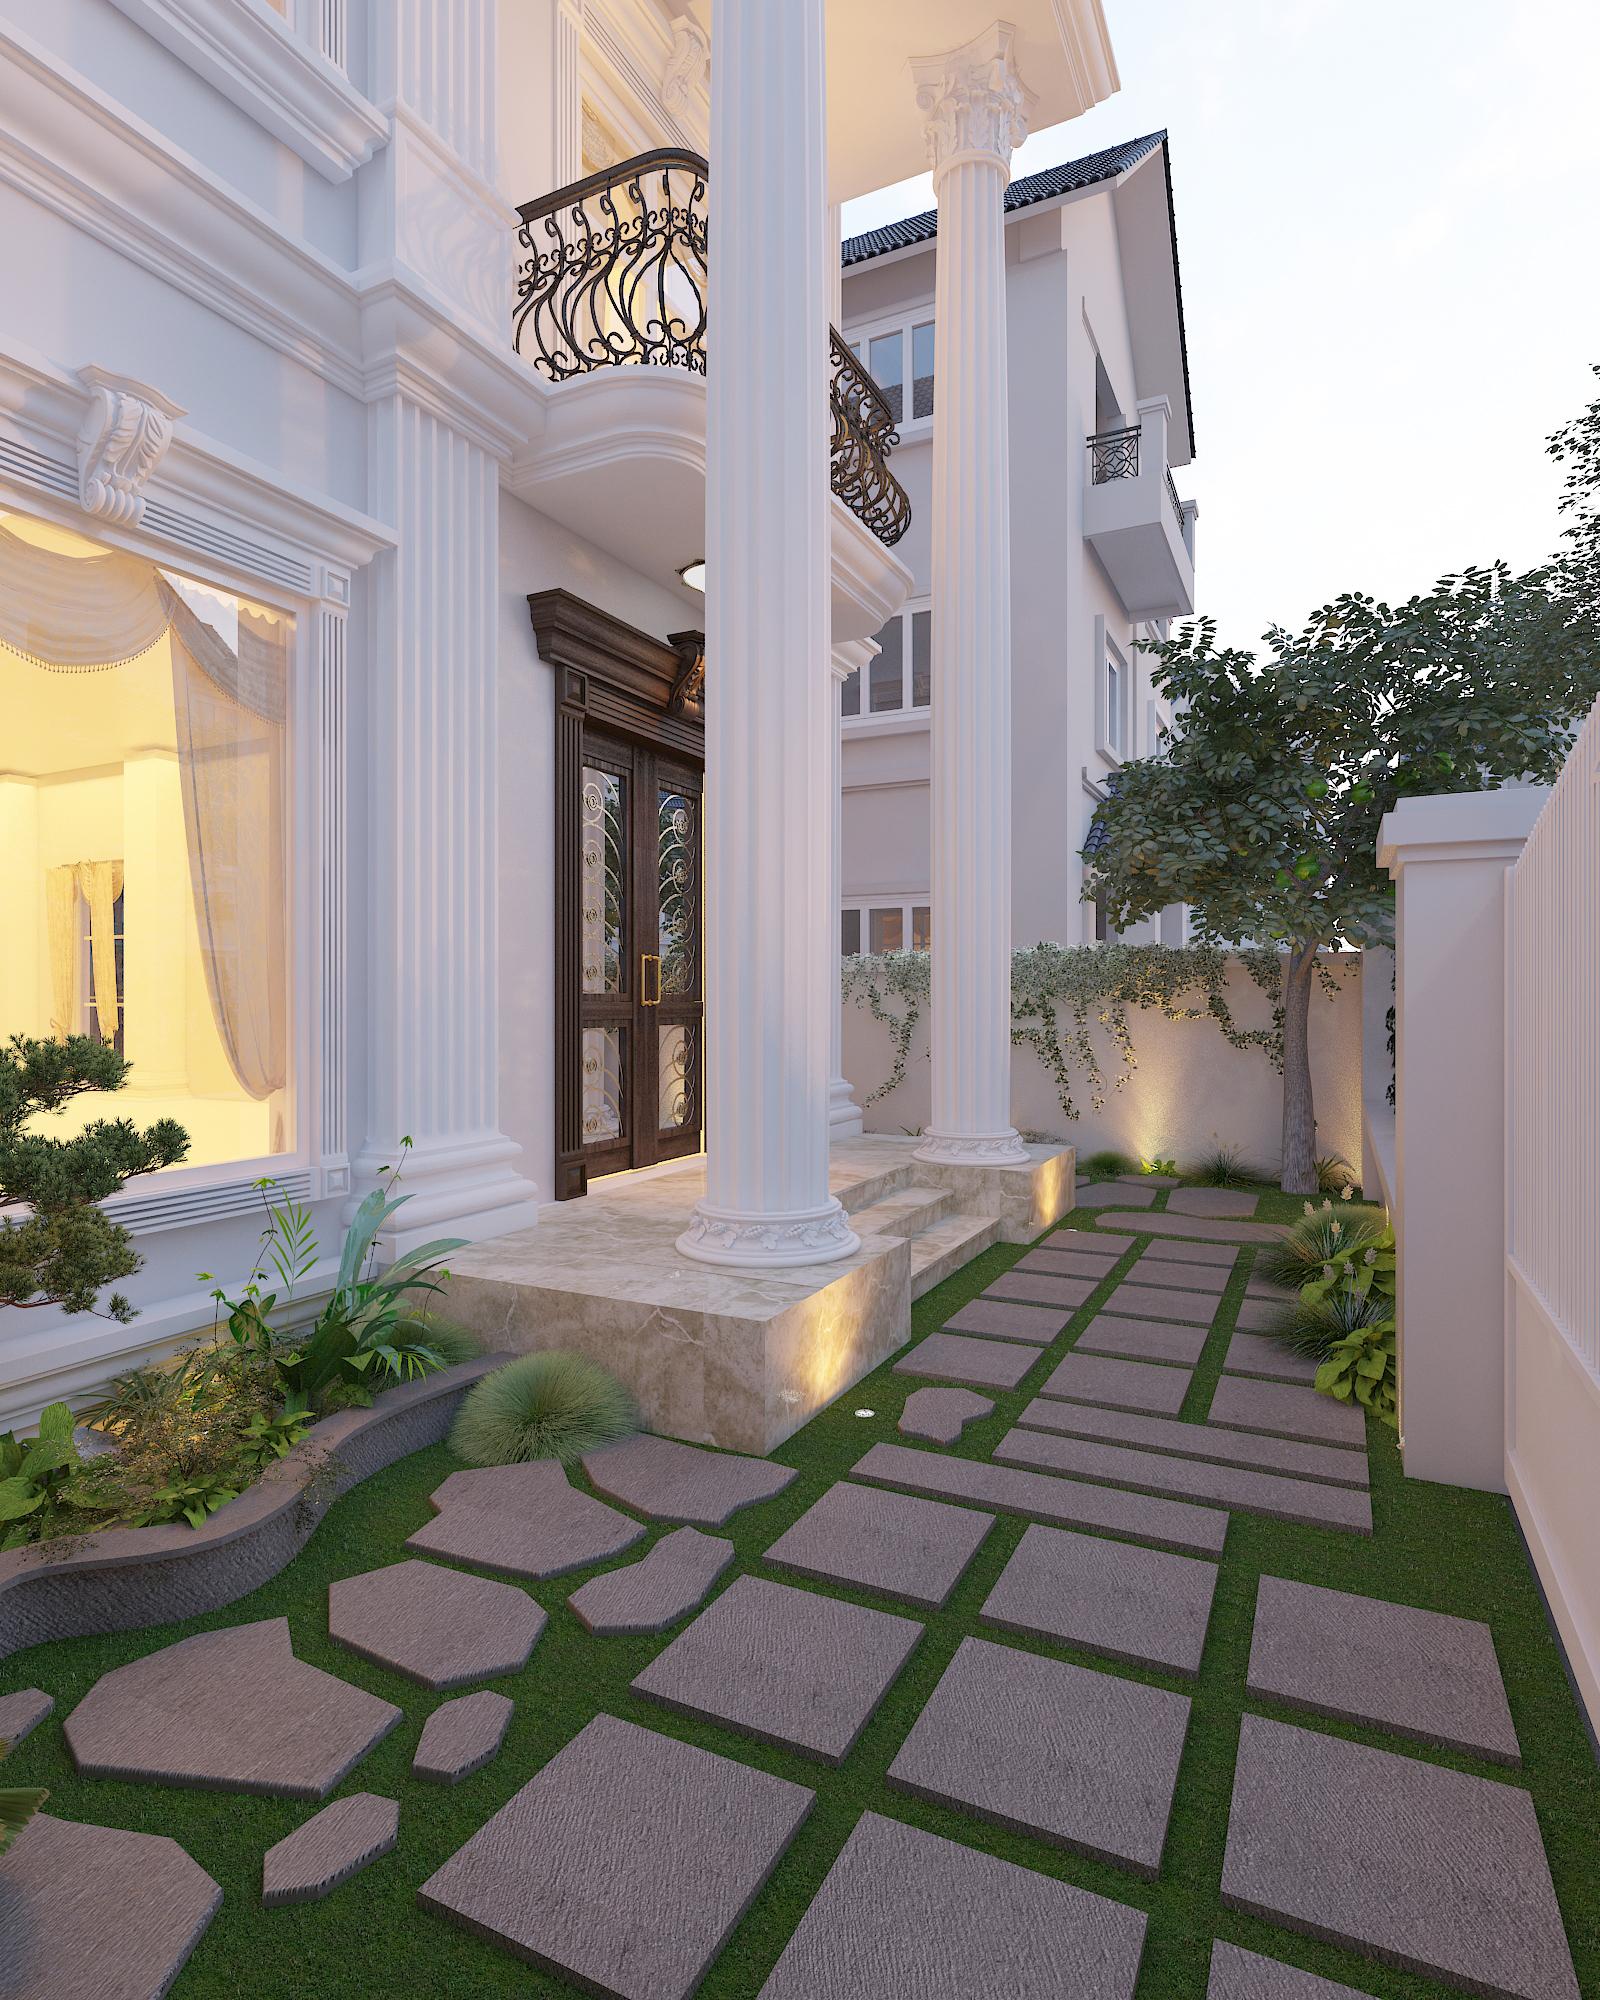 thiết kế nội thất Biệt Thự tại Hà Nội bt Vinhomes - riverside 8 1568276259